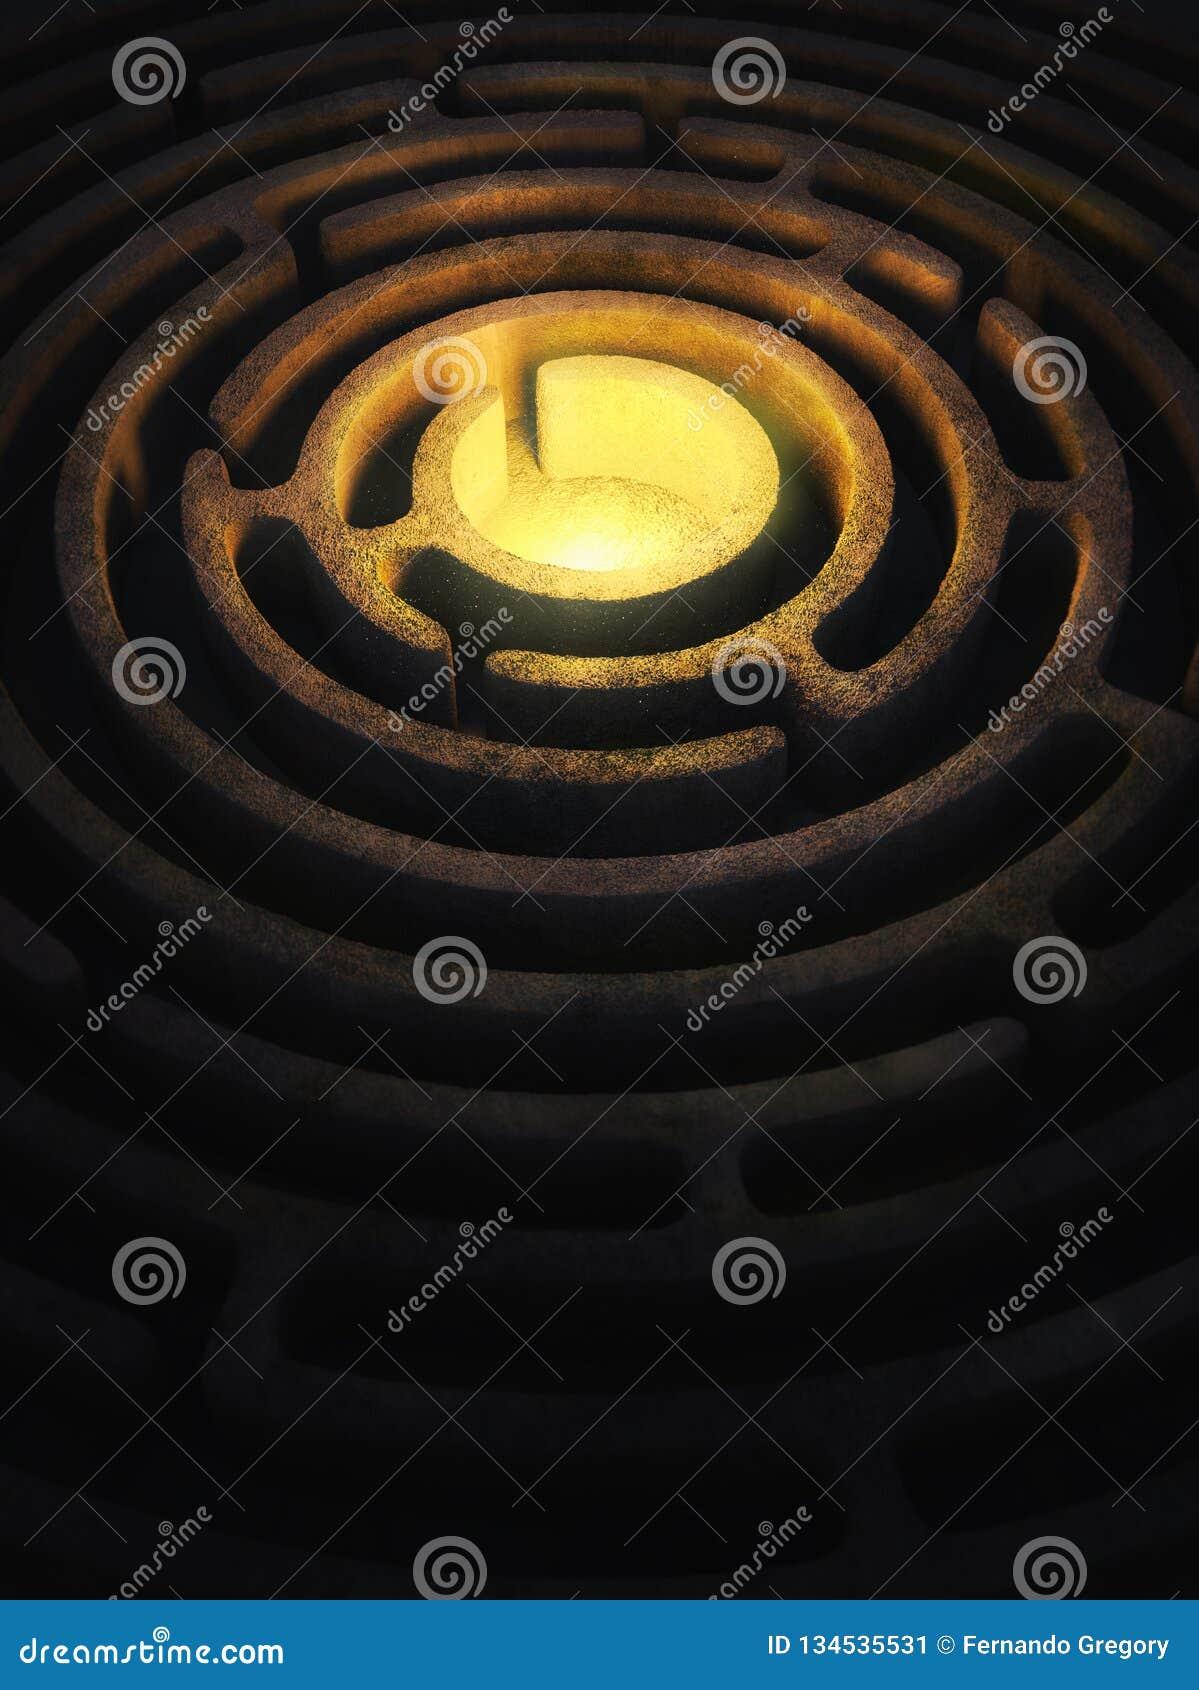 Κυκλικός λαβύρινθος με ένα φωτεινό φως στο κέντρο